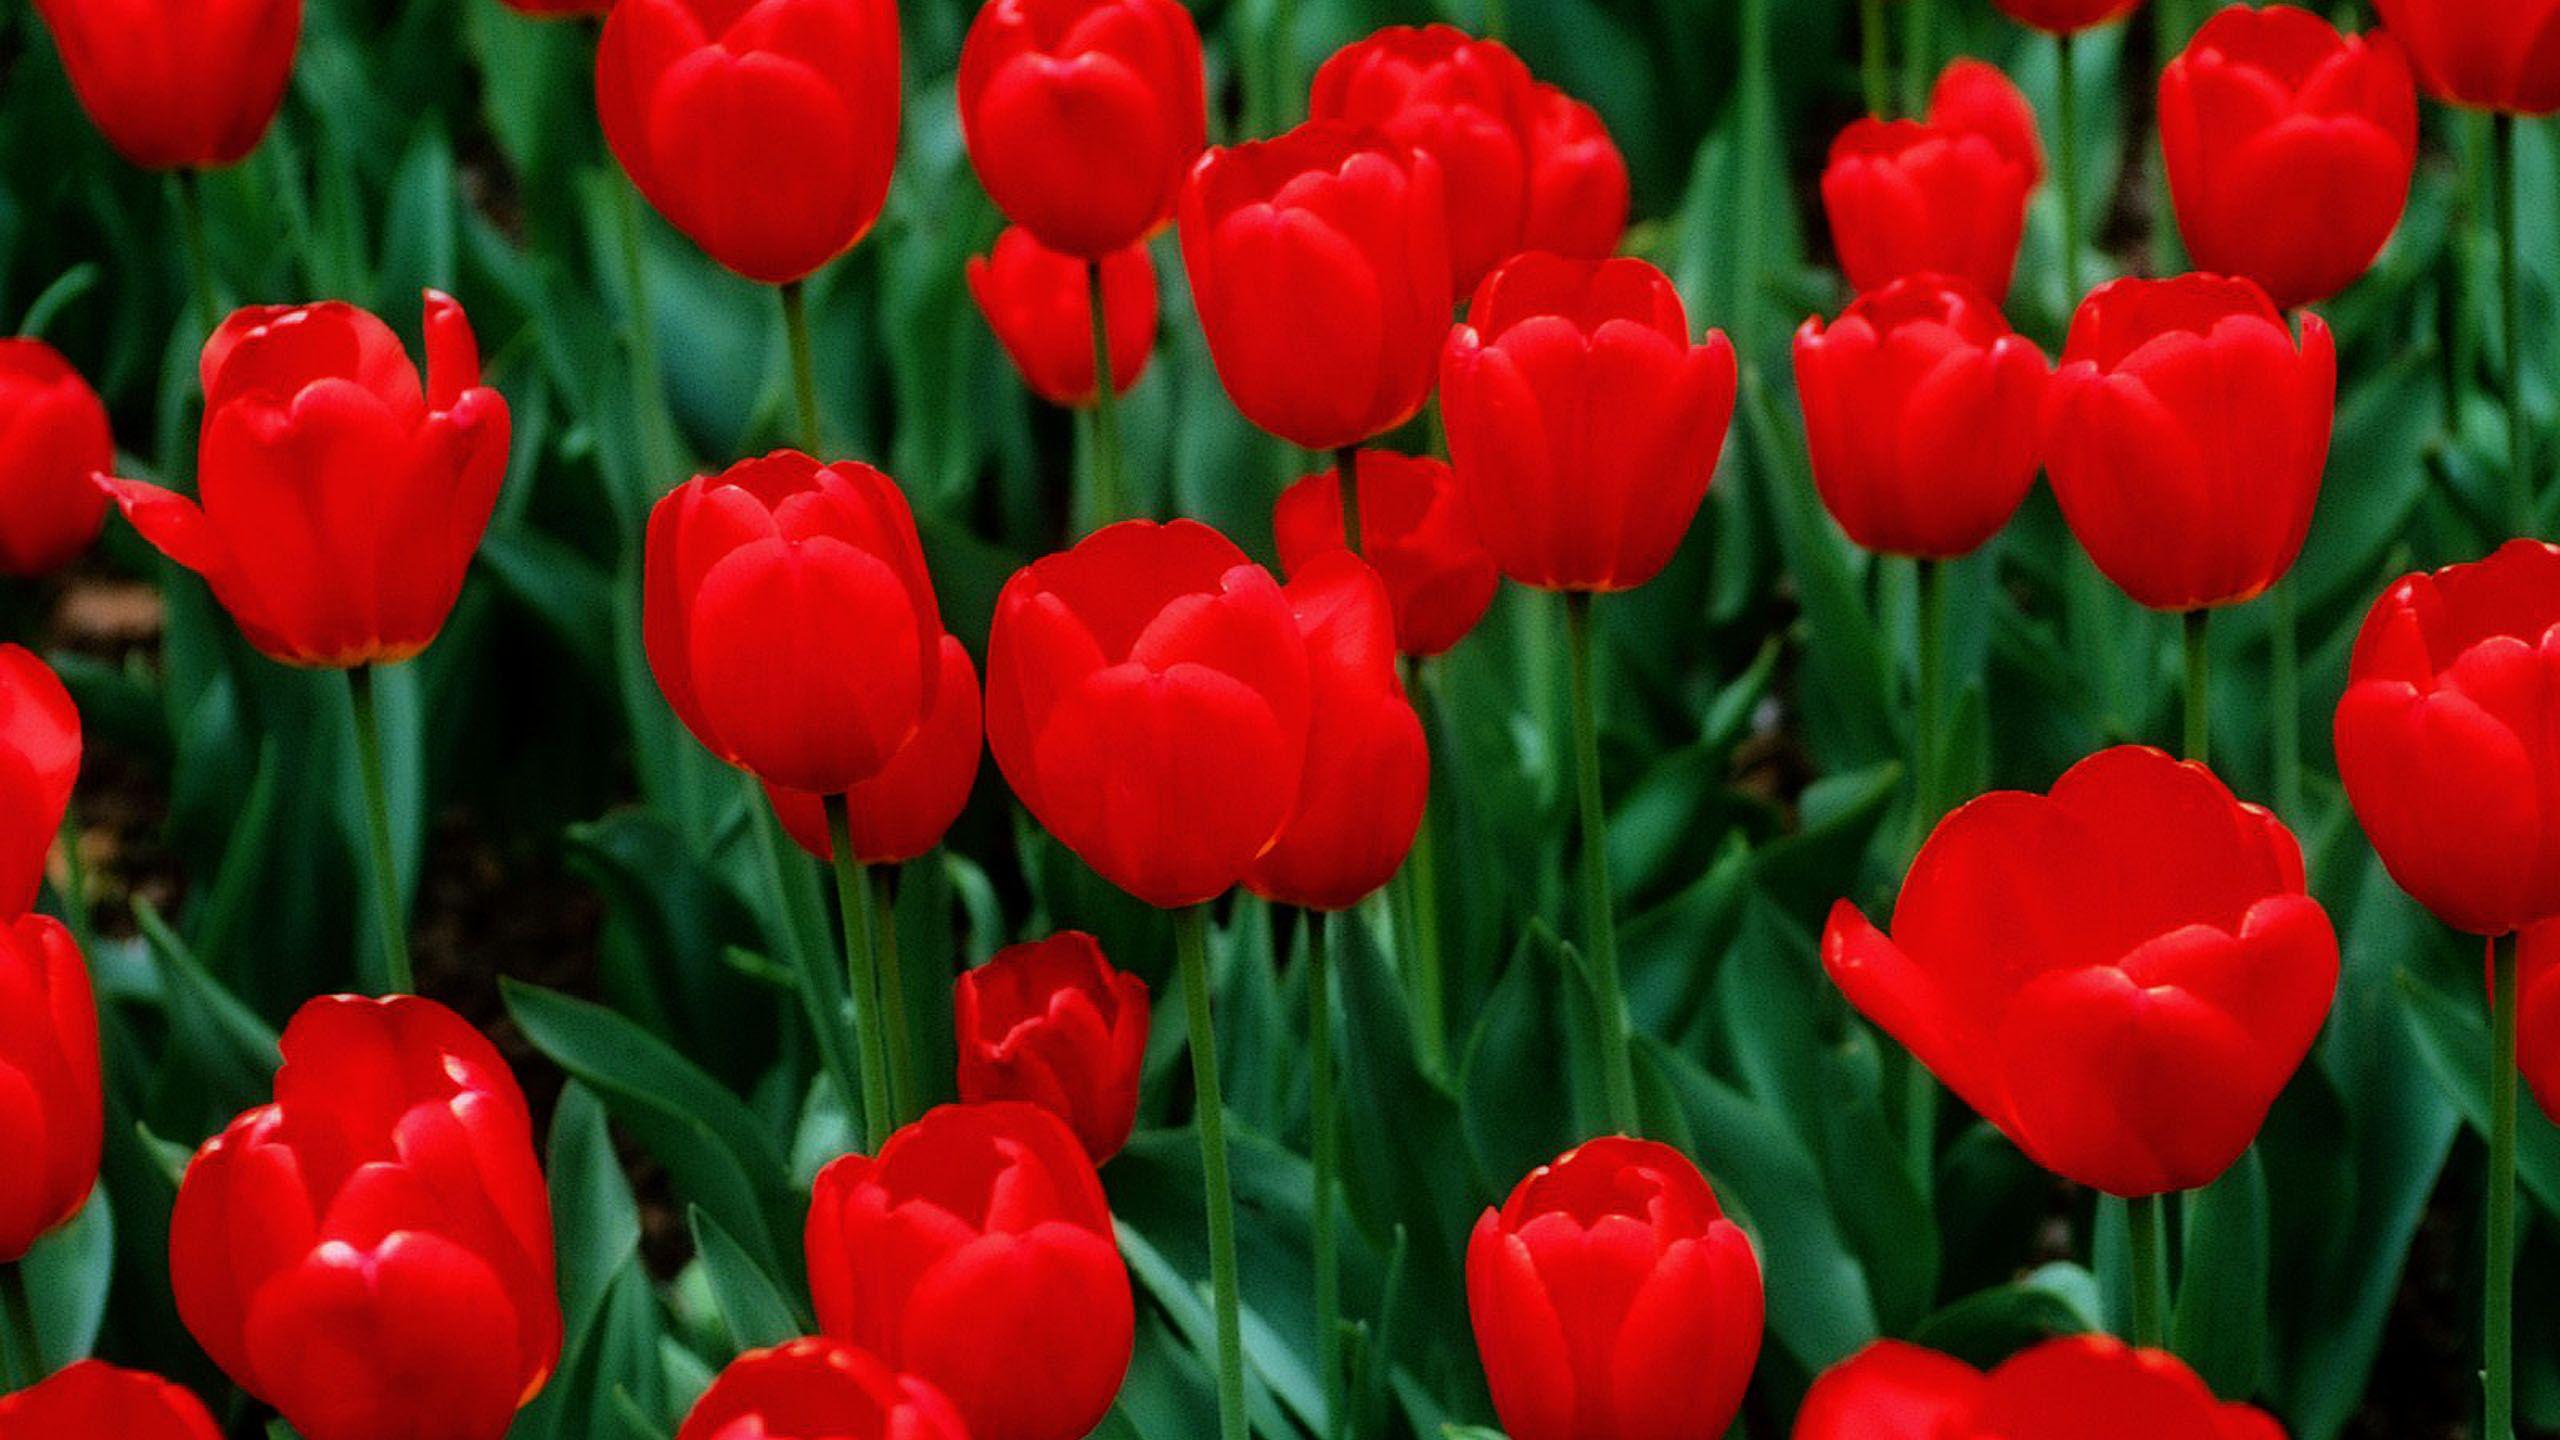 Tulips 029 - http://1080wallpaper.net/tulips-029.html